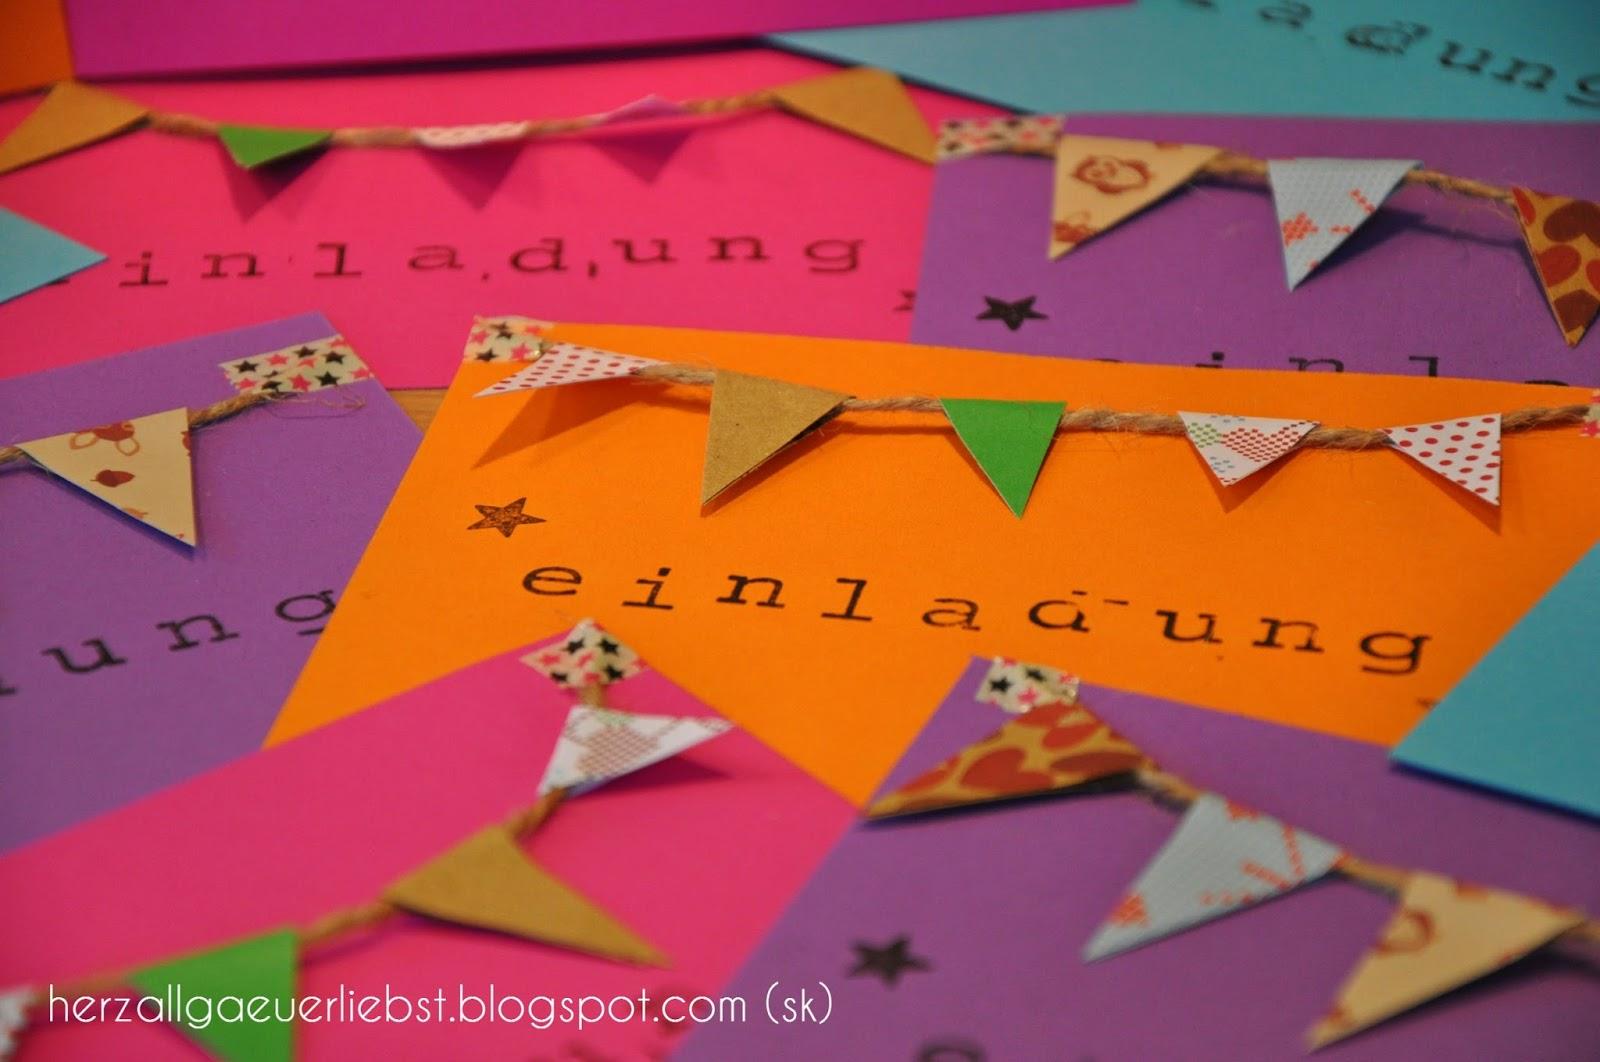 Einladungskarten Selbst Gestalten So Einfach Geht S: Herzallgäuerliebst: Einladungskarten